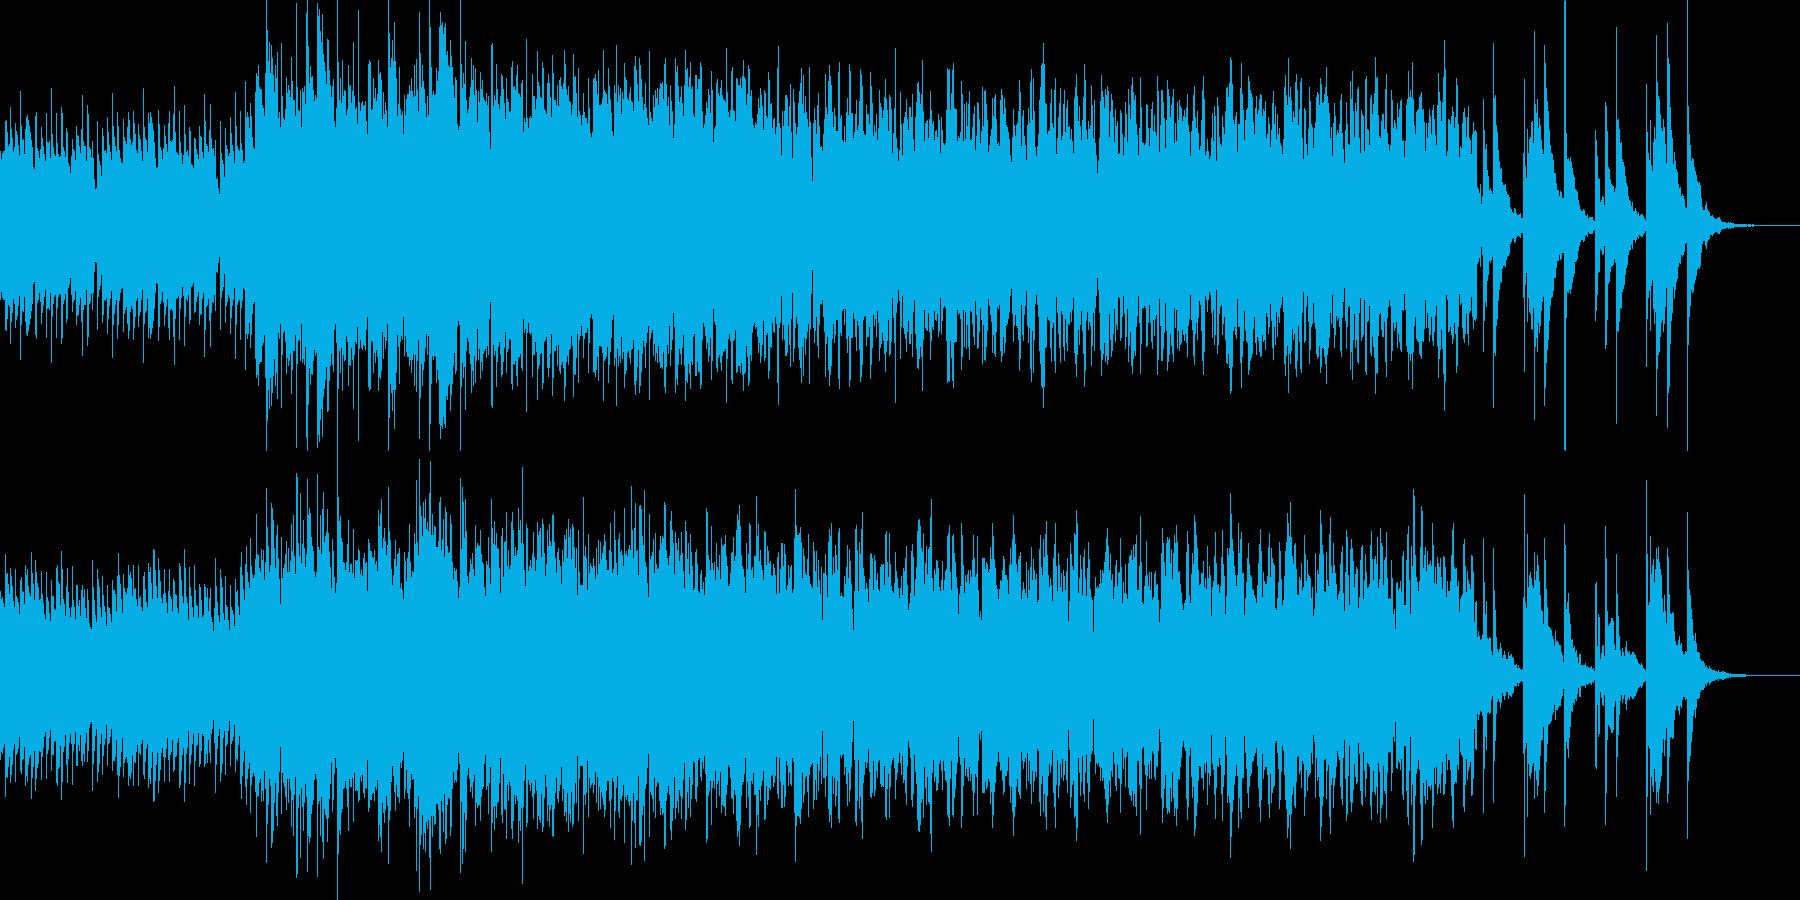 ハープとナイロンギターの幻想的な雰囲気の再生済みの波形